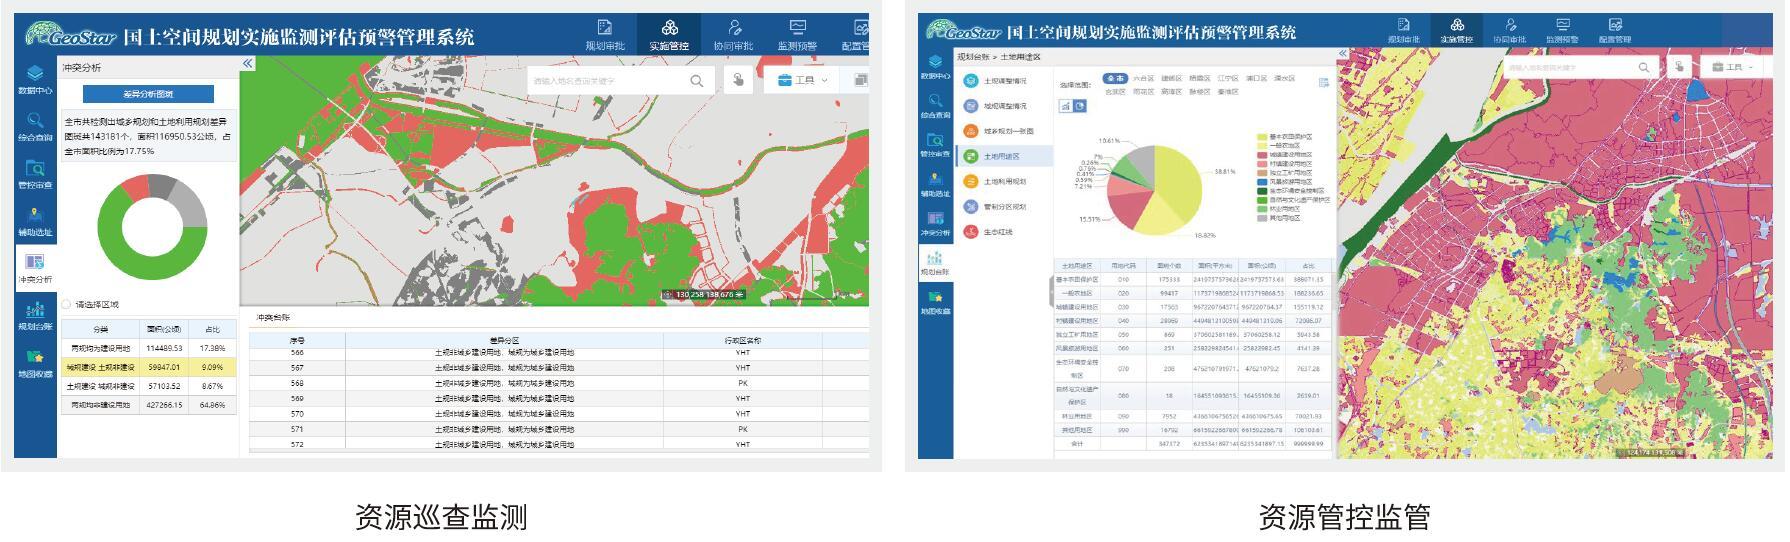 武大十博国土空间规划监测评估预警管理系统十博最佳体育平台-网站版图-8